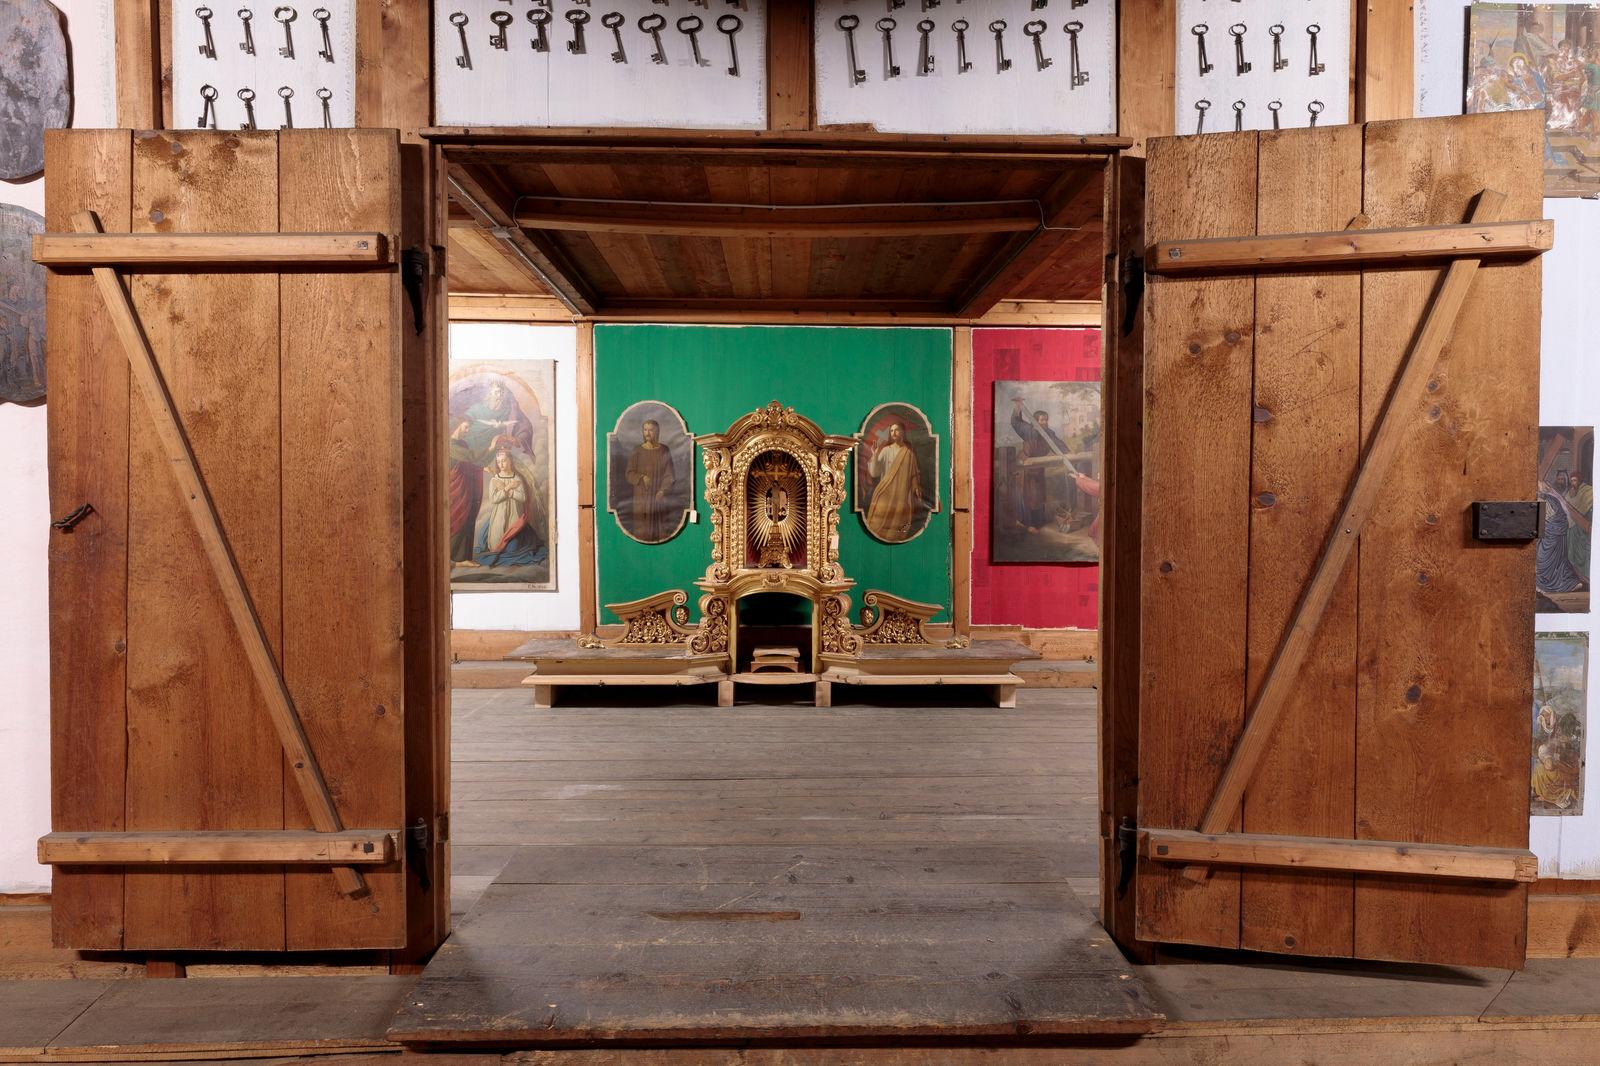 Altaraufsatz, Fotografie: Hannes Thalmann